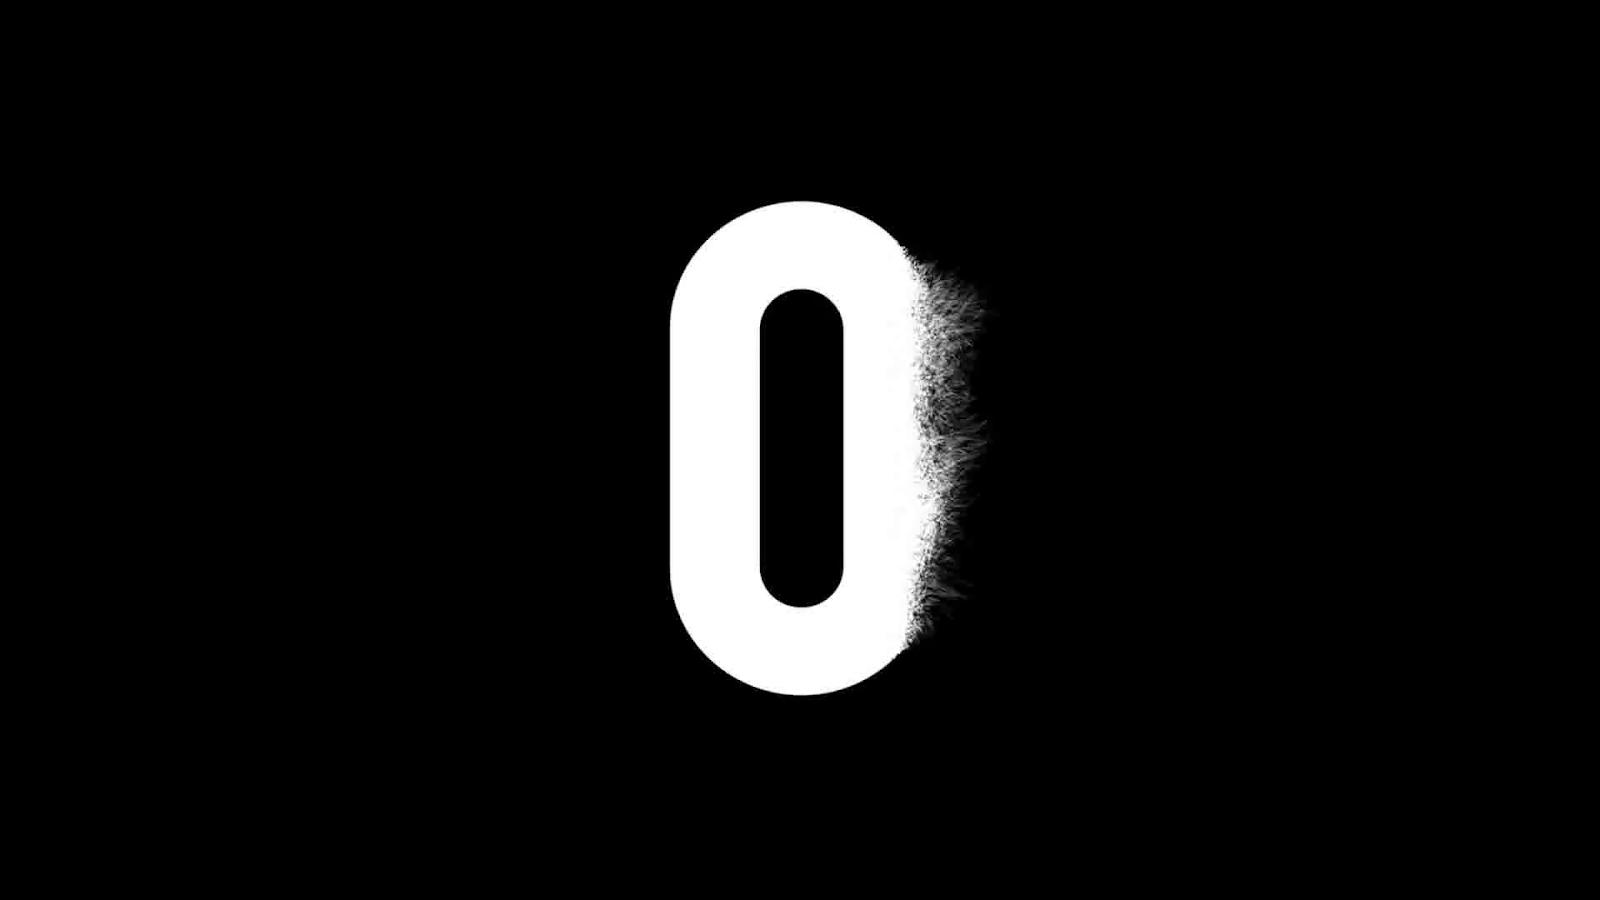 Misteri Dibalik Bilangan Nol atau Angka 0